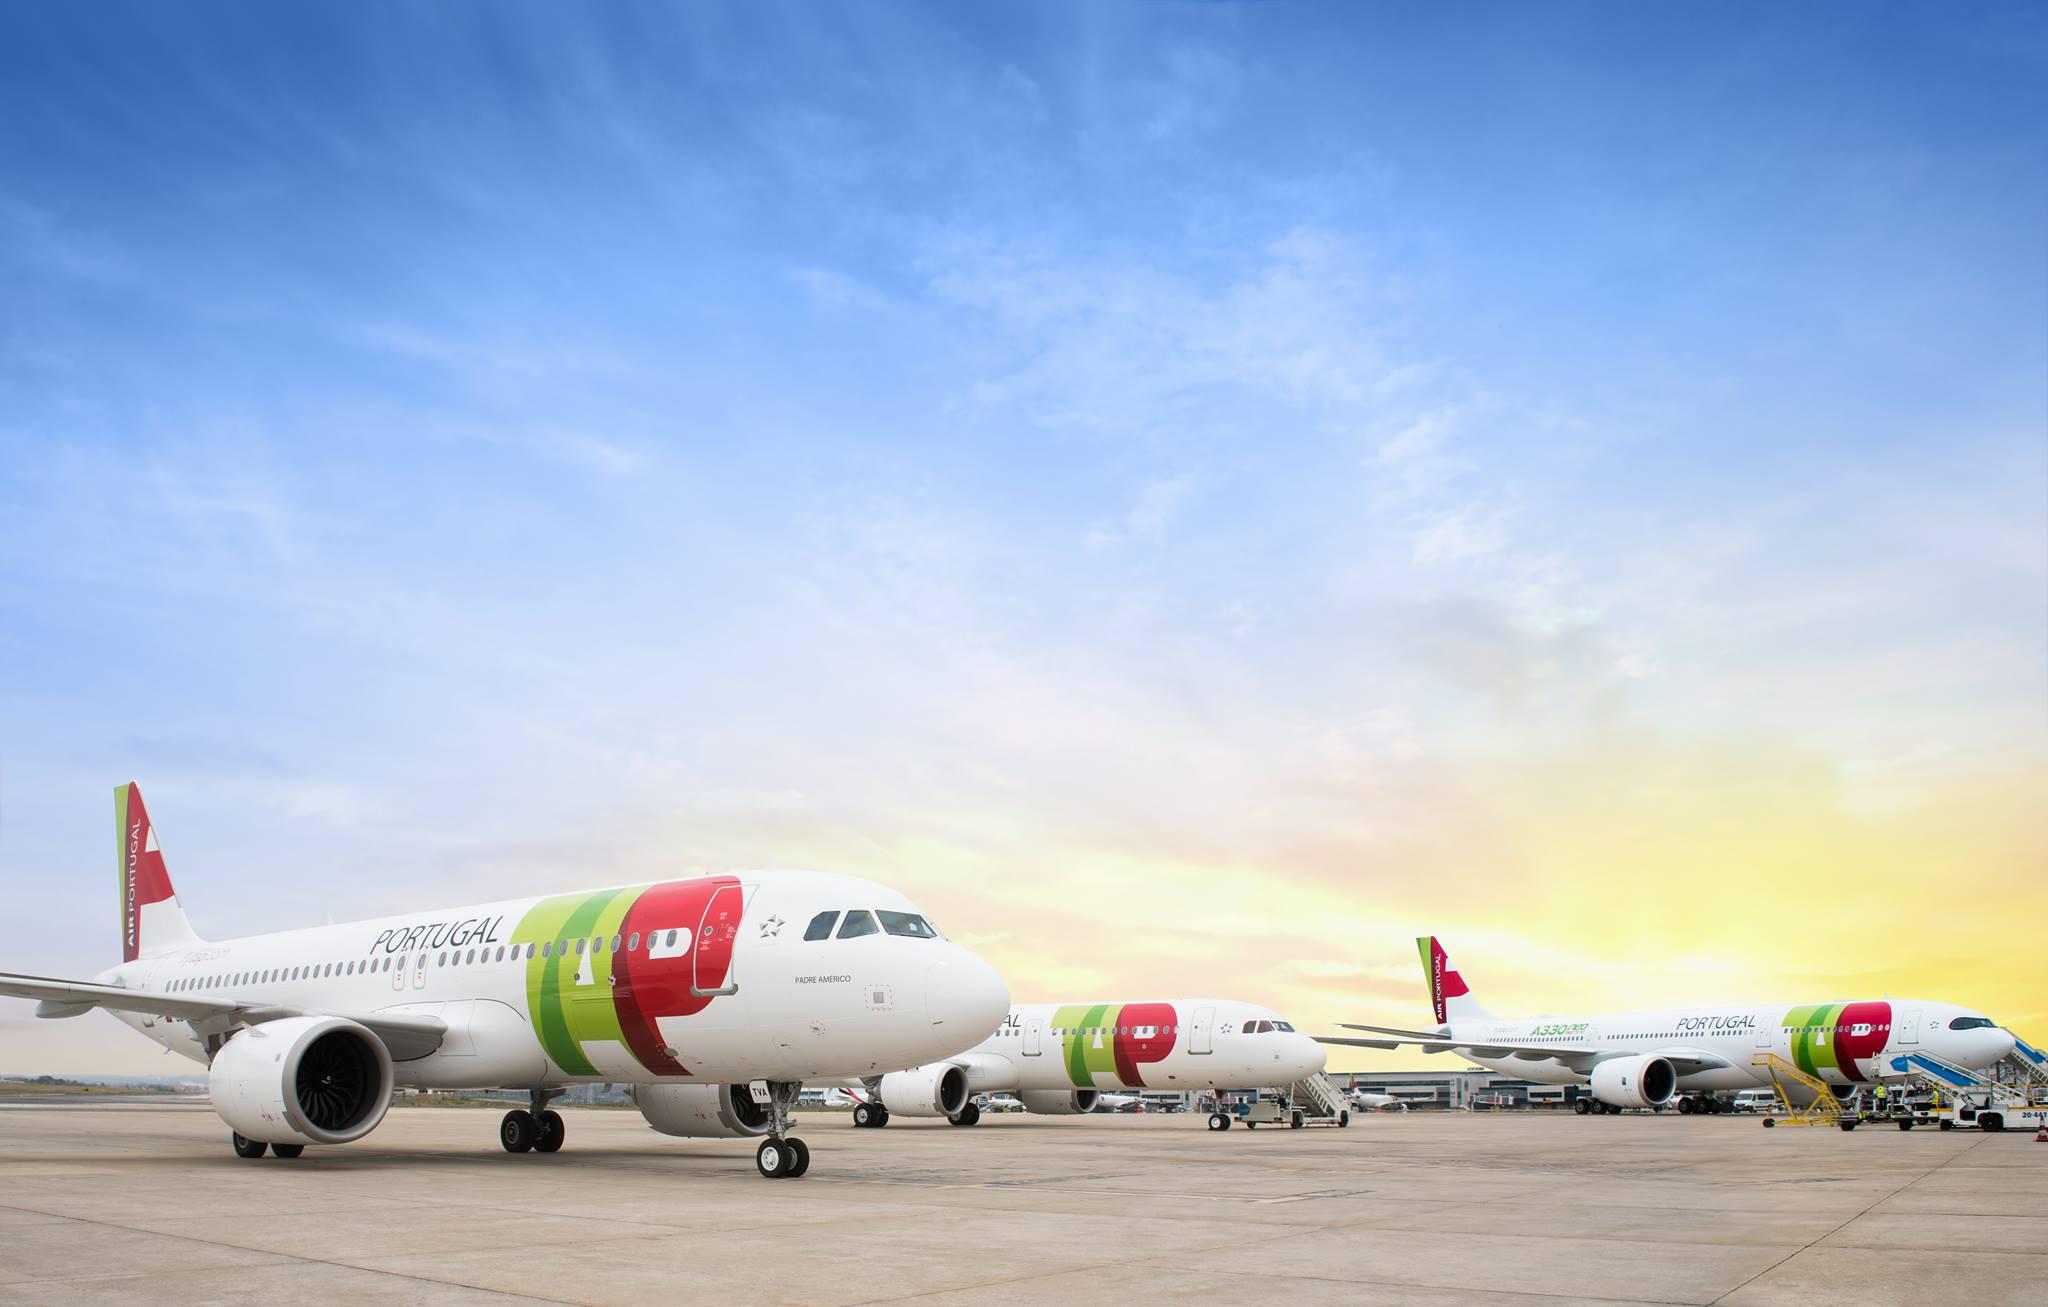 A nova geração de aeronaves TAP: Airbus A320NEO, A321NEO e A330NEO. (c) TAP Air Portugal